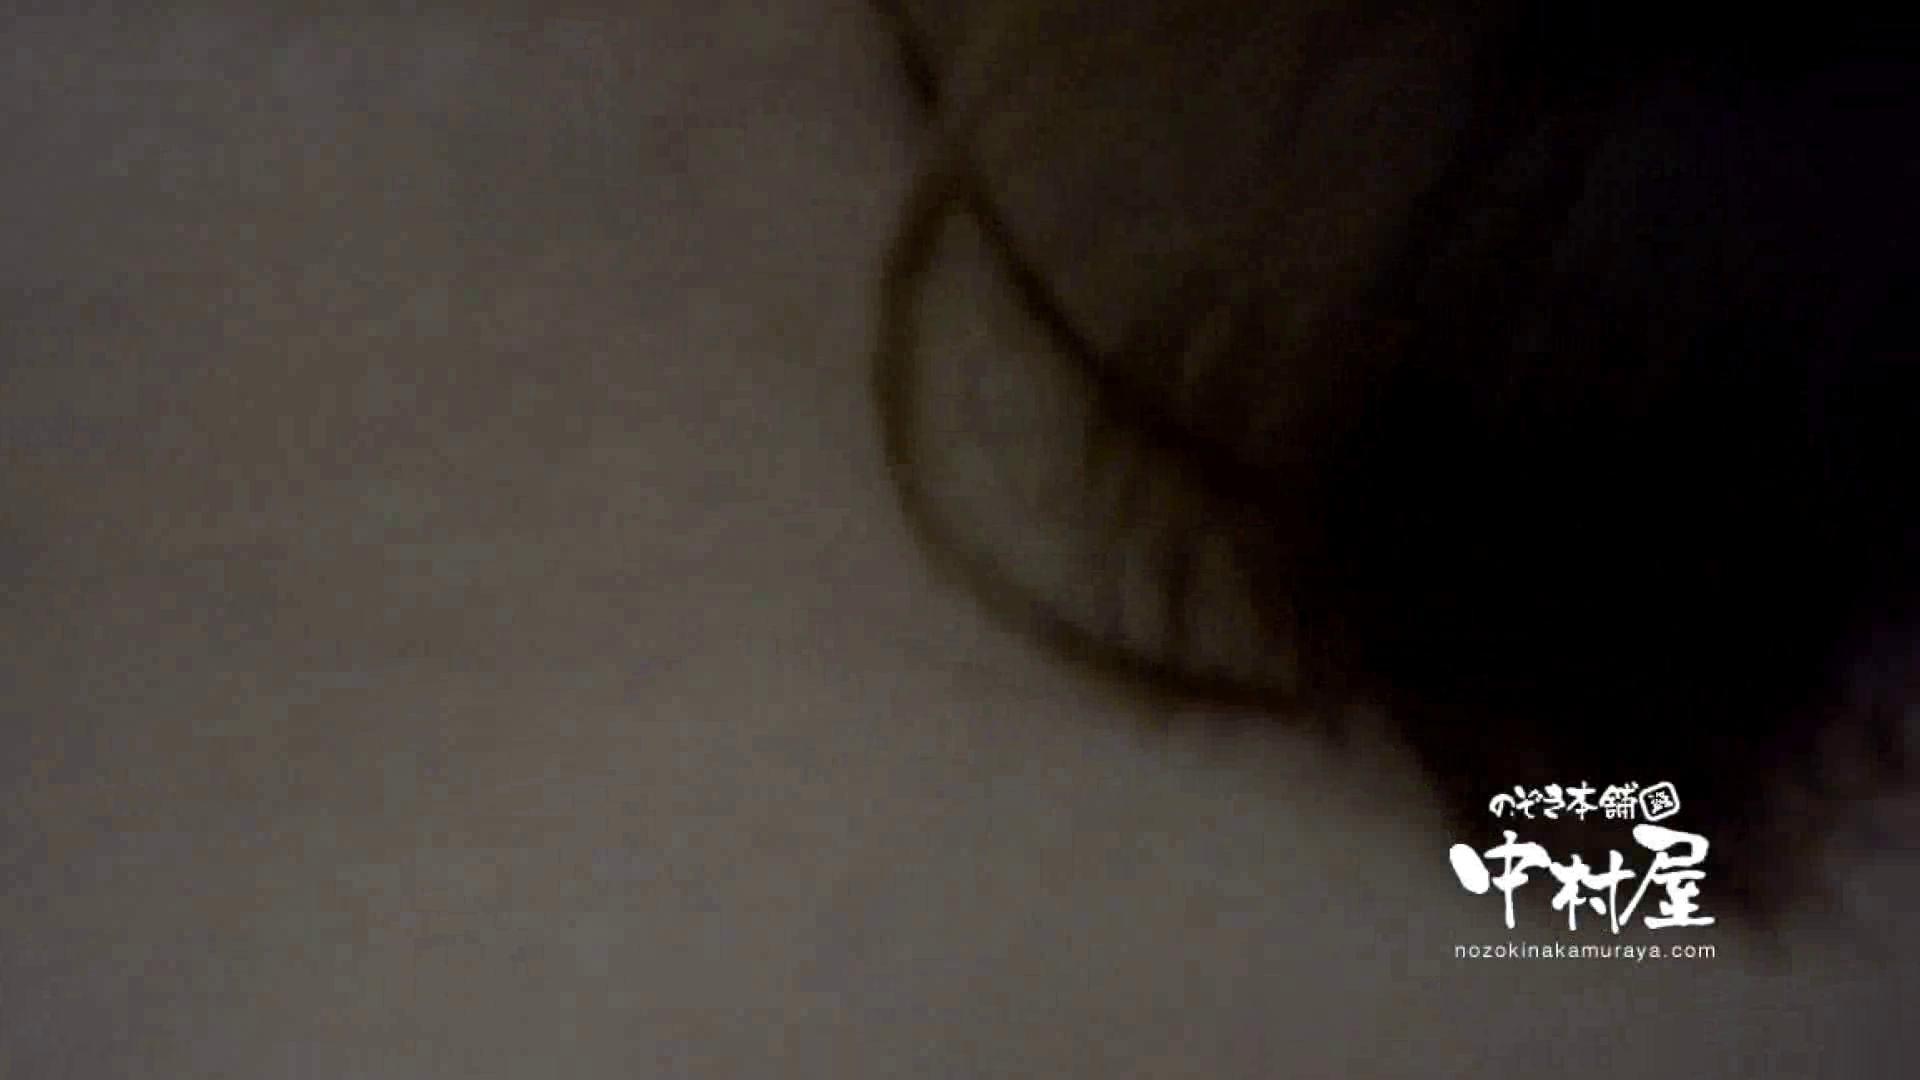 鬼畜 vol.16 実はマンざらでもない柔らかおっぱいちゃん 後編 おっぱい | 鬼畜  69pic 22